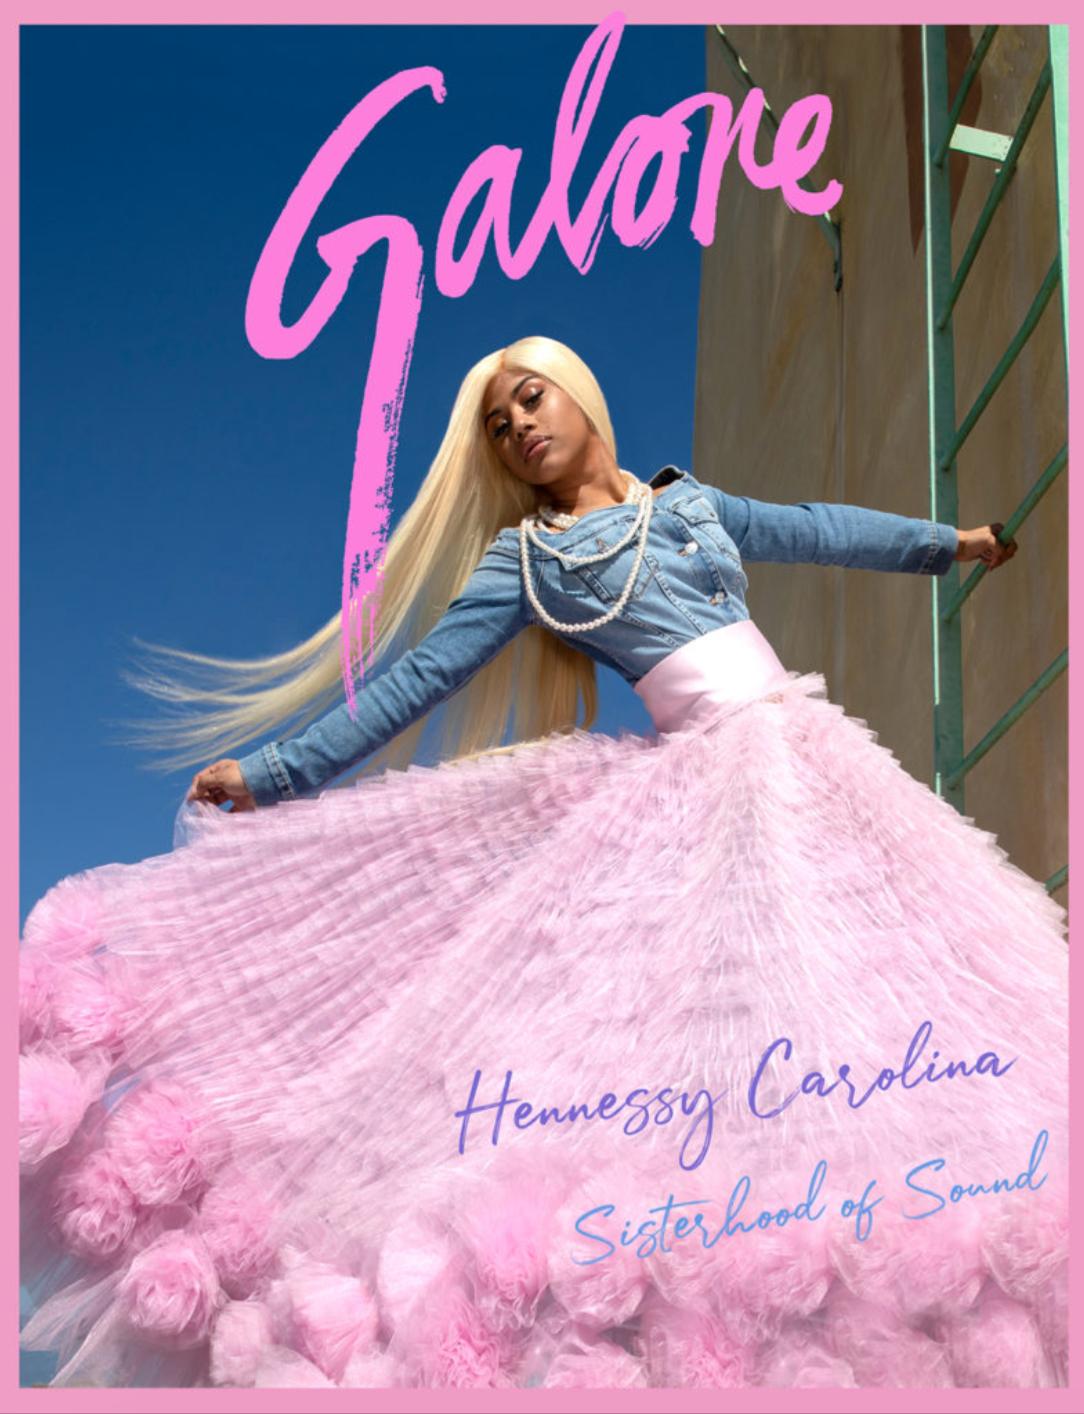 Lauren Jauregui in Galore magazine